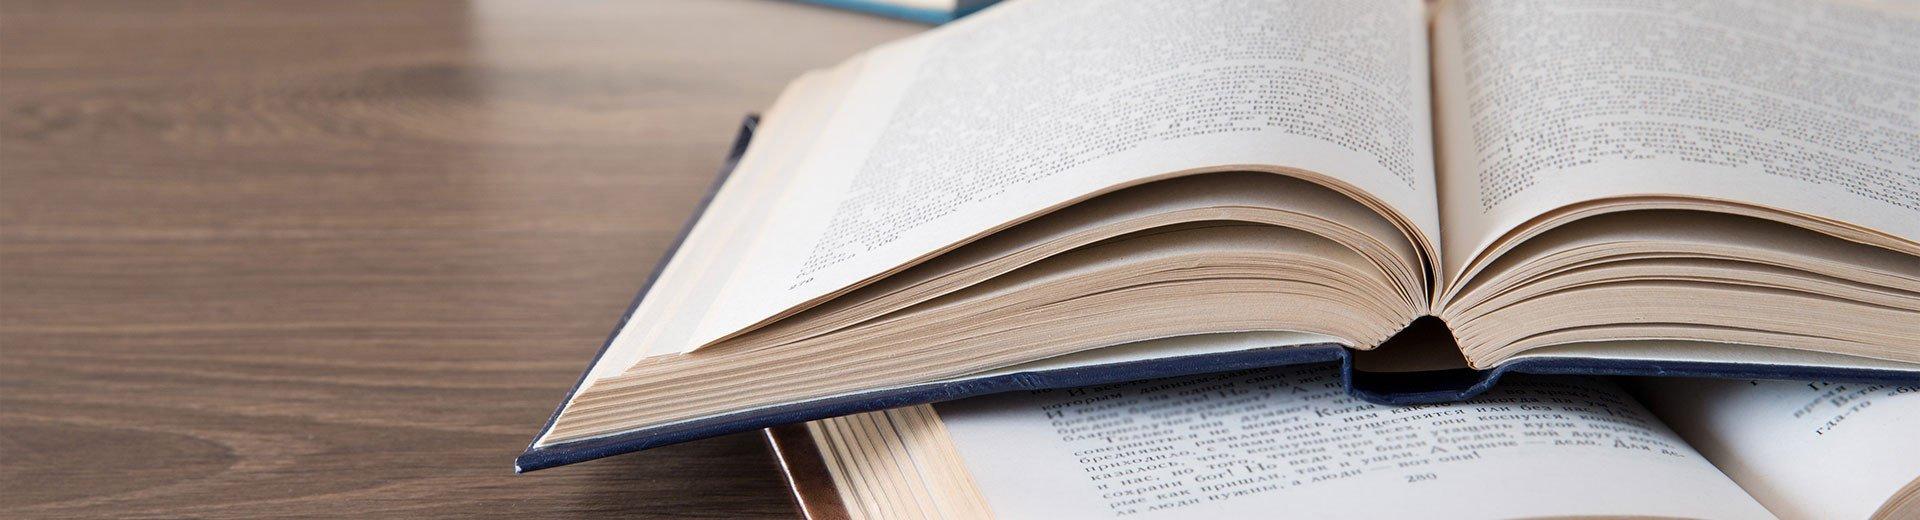 Okładka artykułu Wybór formatu składanej książki lub dokumentu — Jak dobrać odpowiednią wielkość strony do potrzeb projektu?